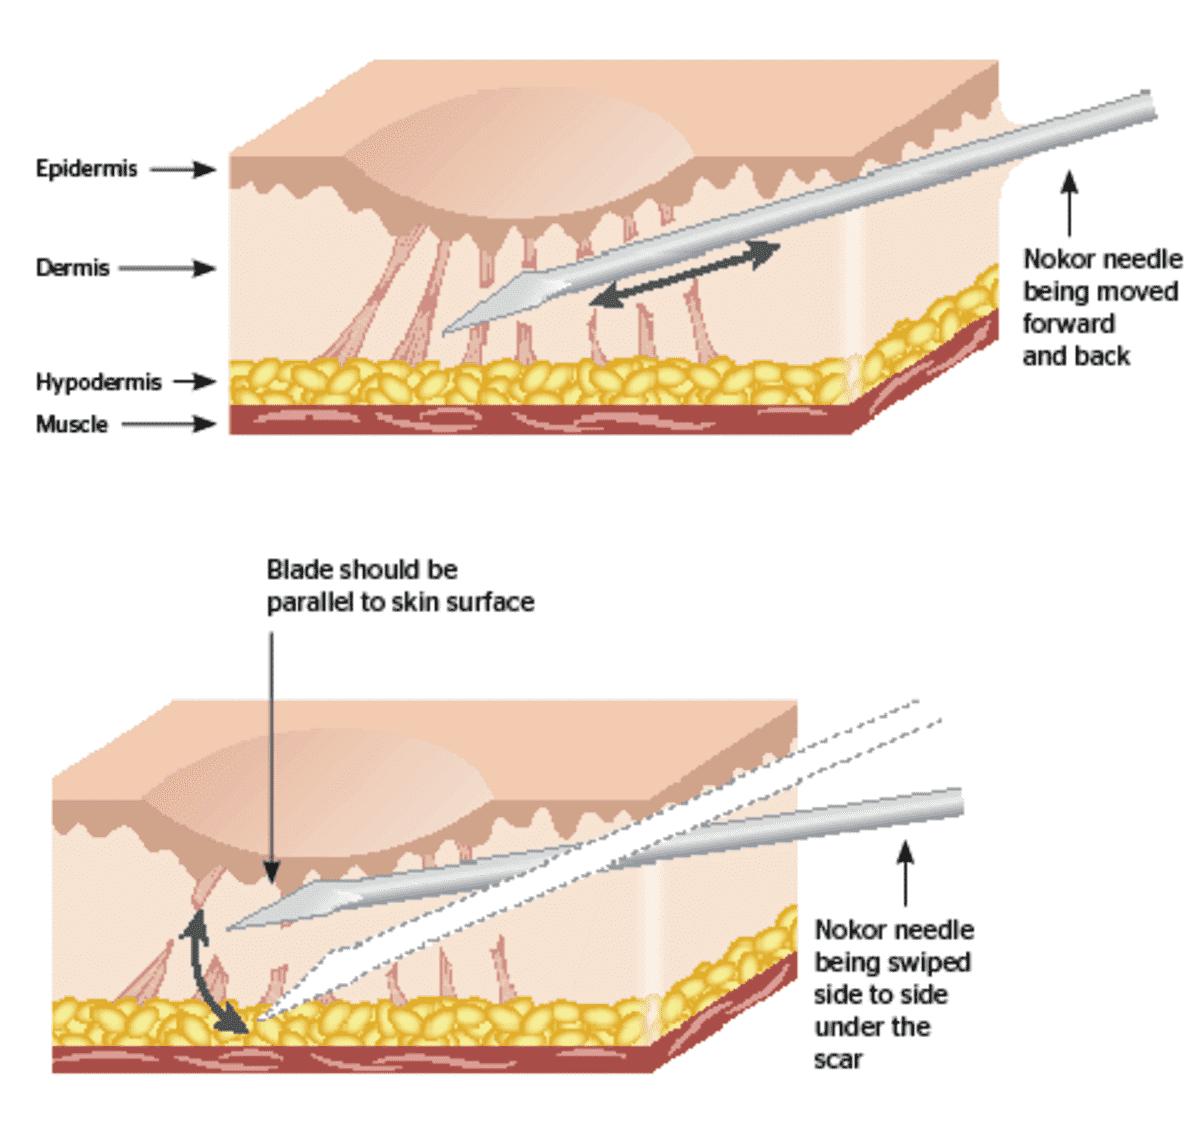 Subcision treatment